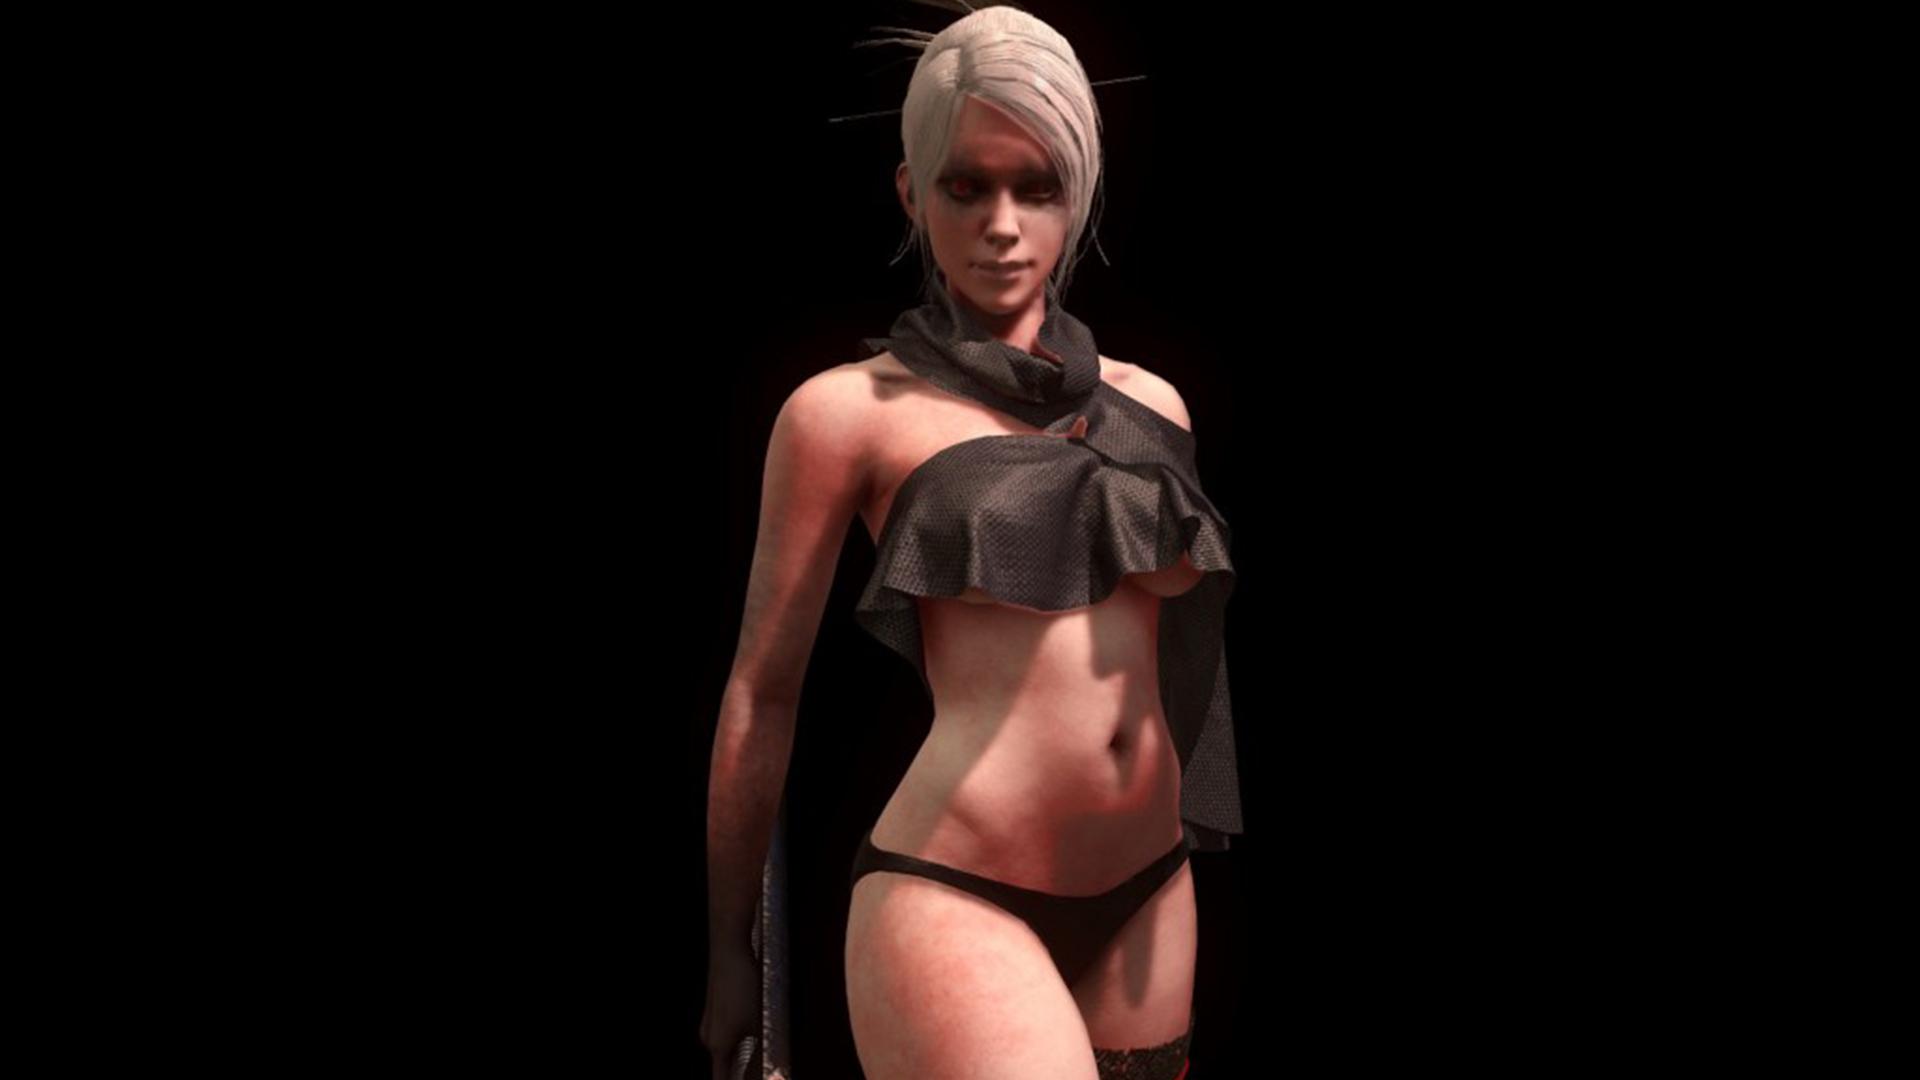 девгам создание 3д модели девушки